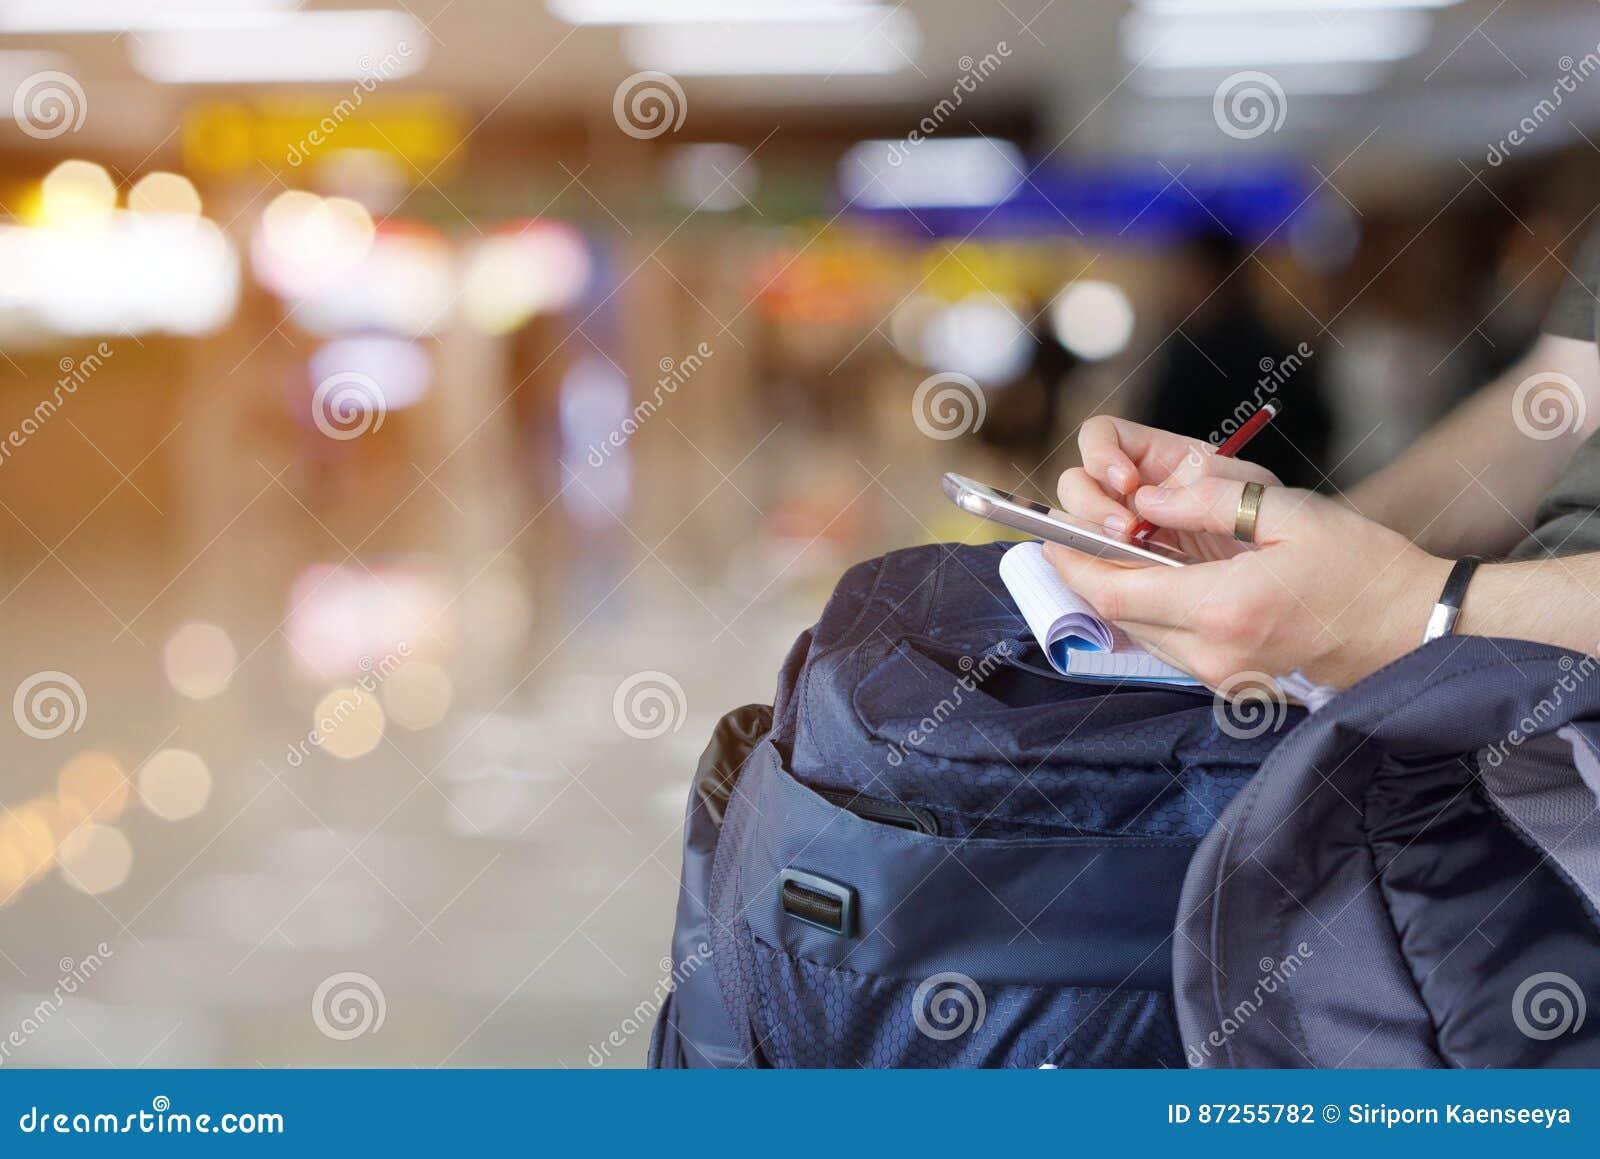 Fotvandrare som kontrollerar översikten på det smarta telefonplanet för turen